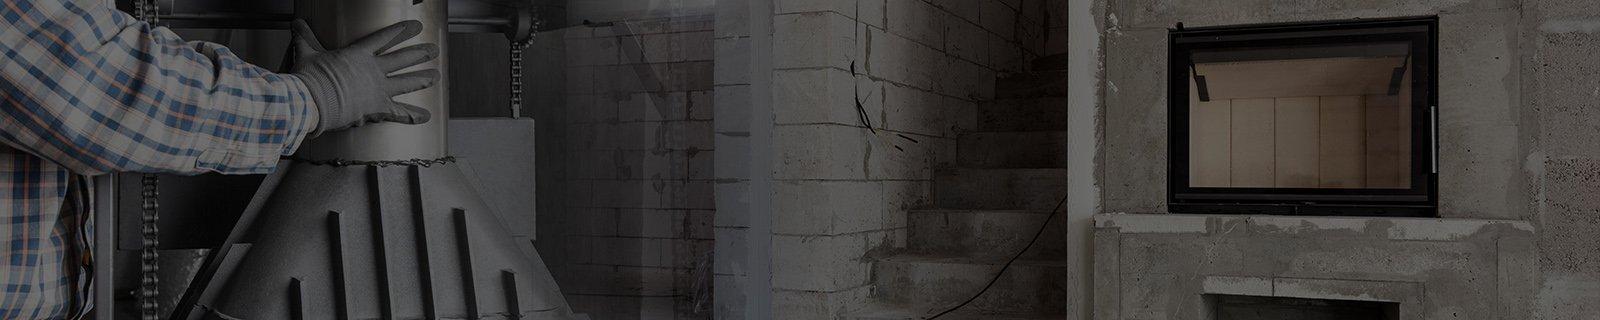 Аккумуляция купить в Киеве. Установка, монтаж. Заказать. Цены, фото, сайт - Kaminoff